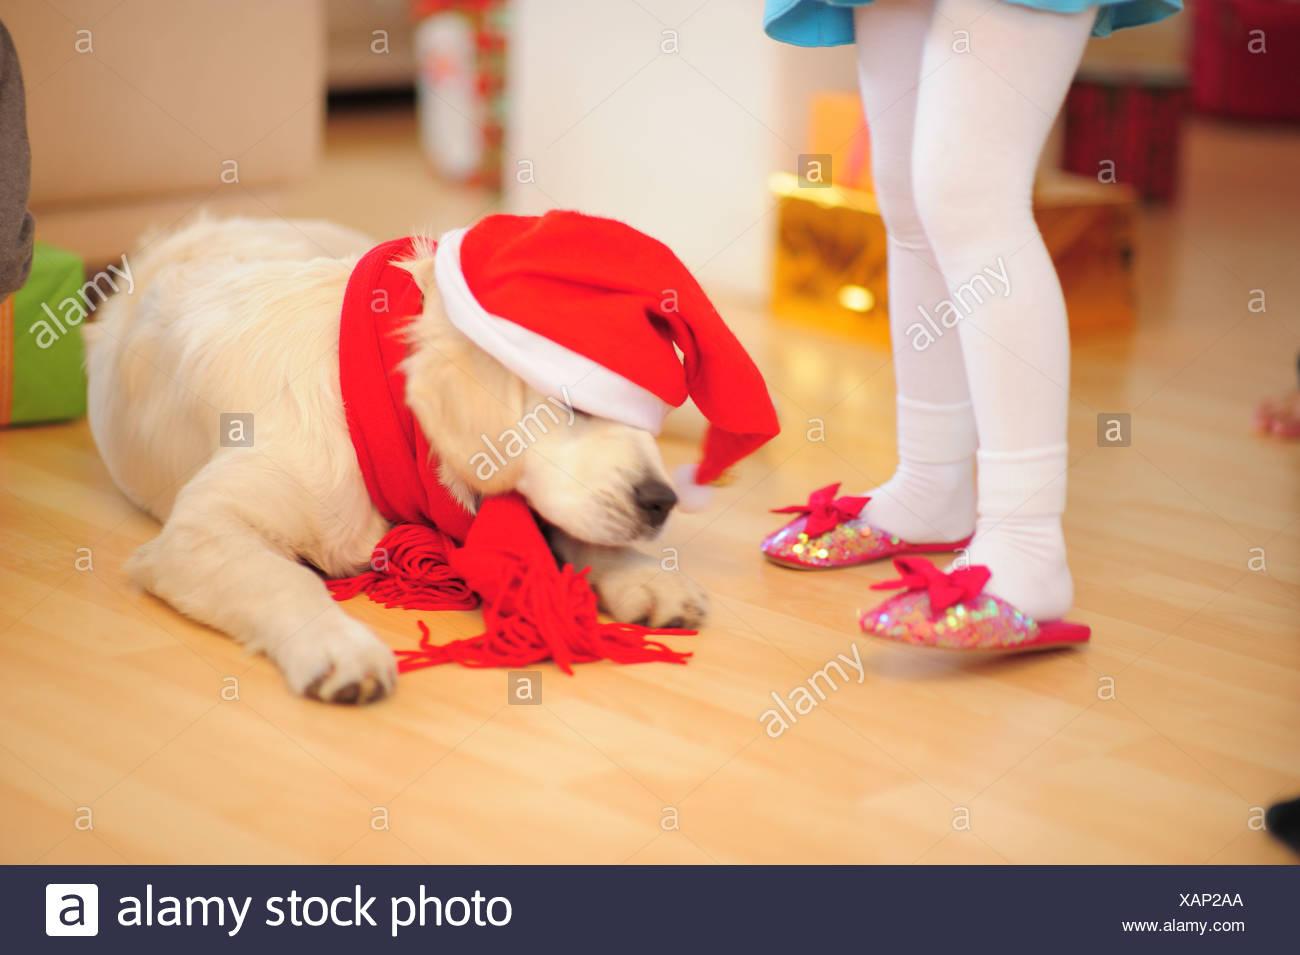 Christmas - Stock Image